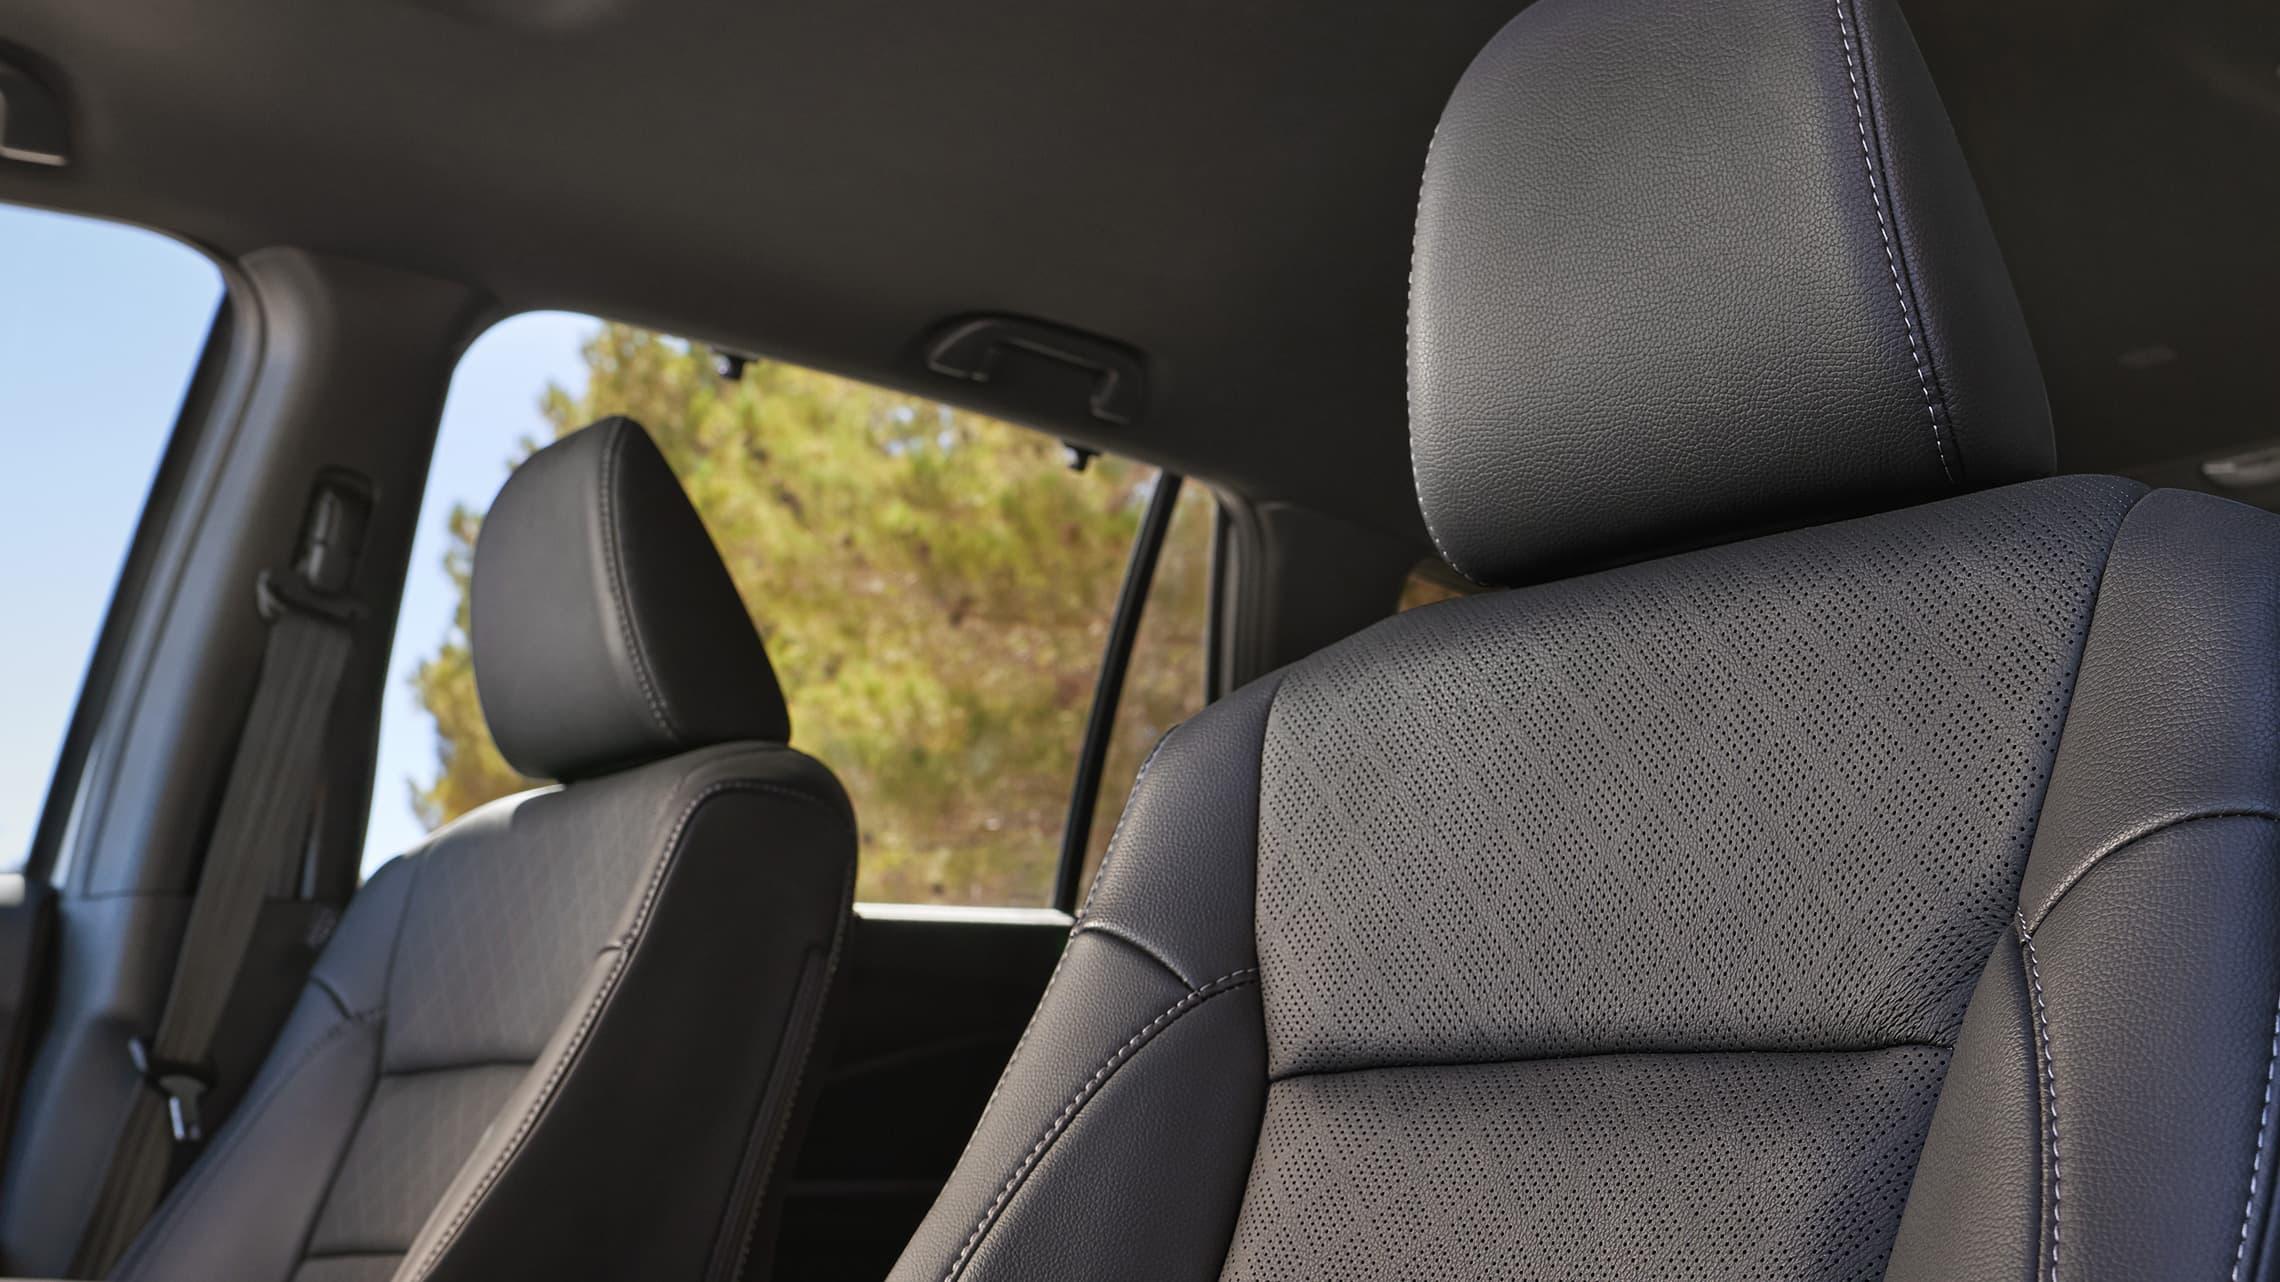 Asientos delanteros en Black Leather del interior de la Honda Passport Elite2021.